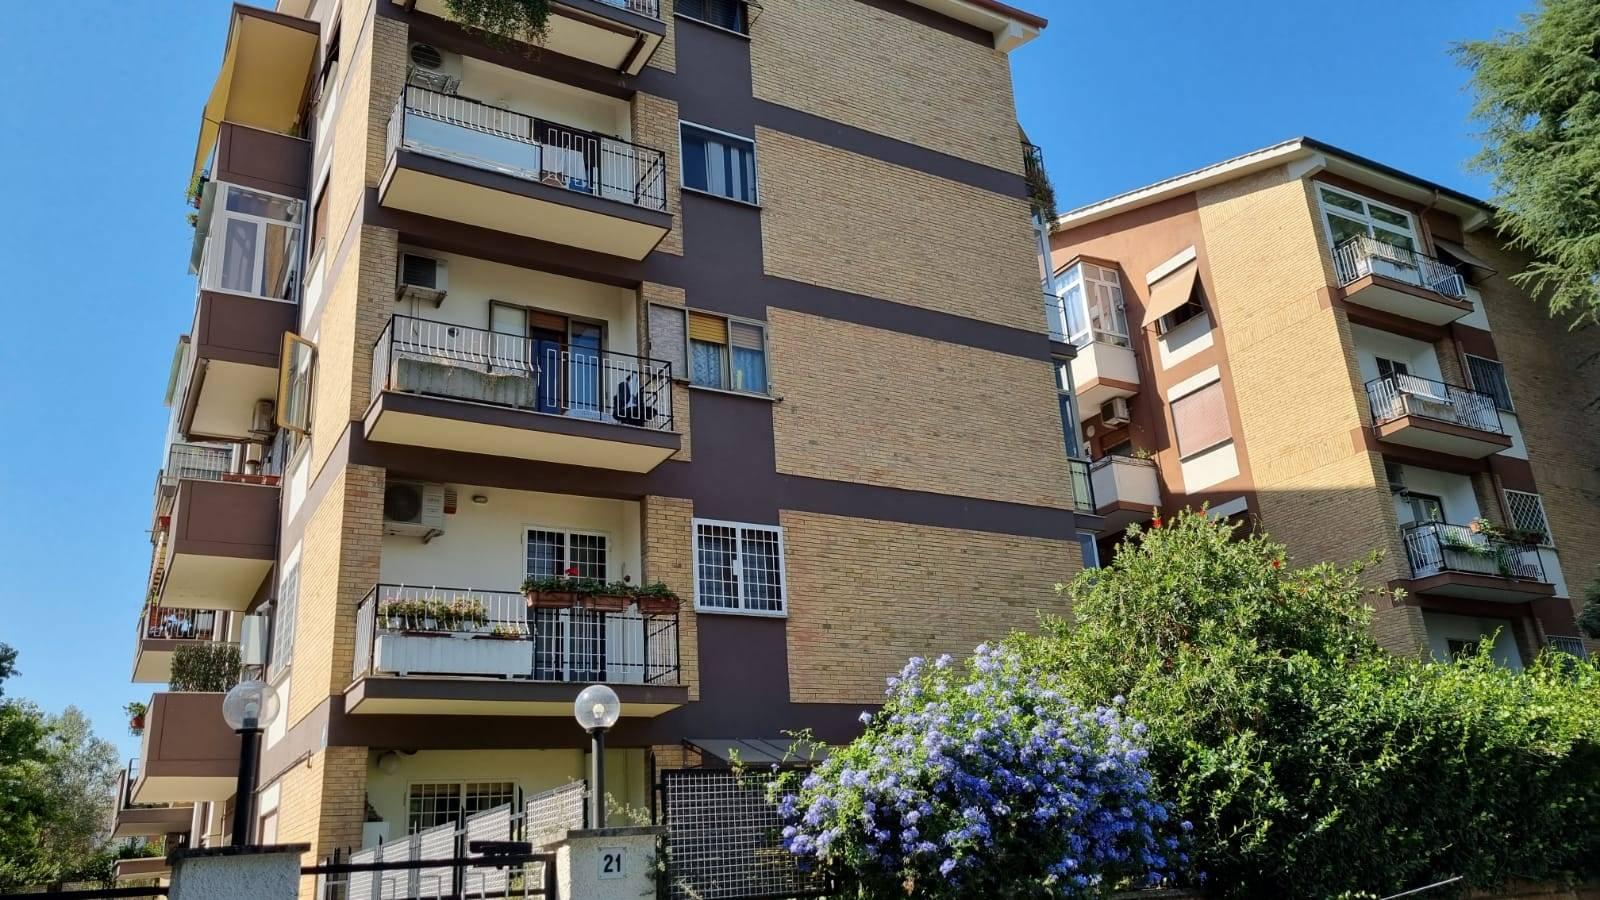 Talenti viale Ionio adiacente Via Ugo Ojetti in stabile in cortina proponiamo in affitto appartamento mq 100 composto da ingresso, ampio salone,